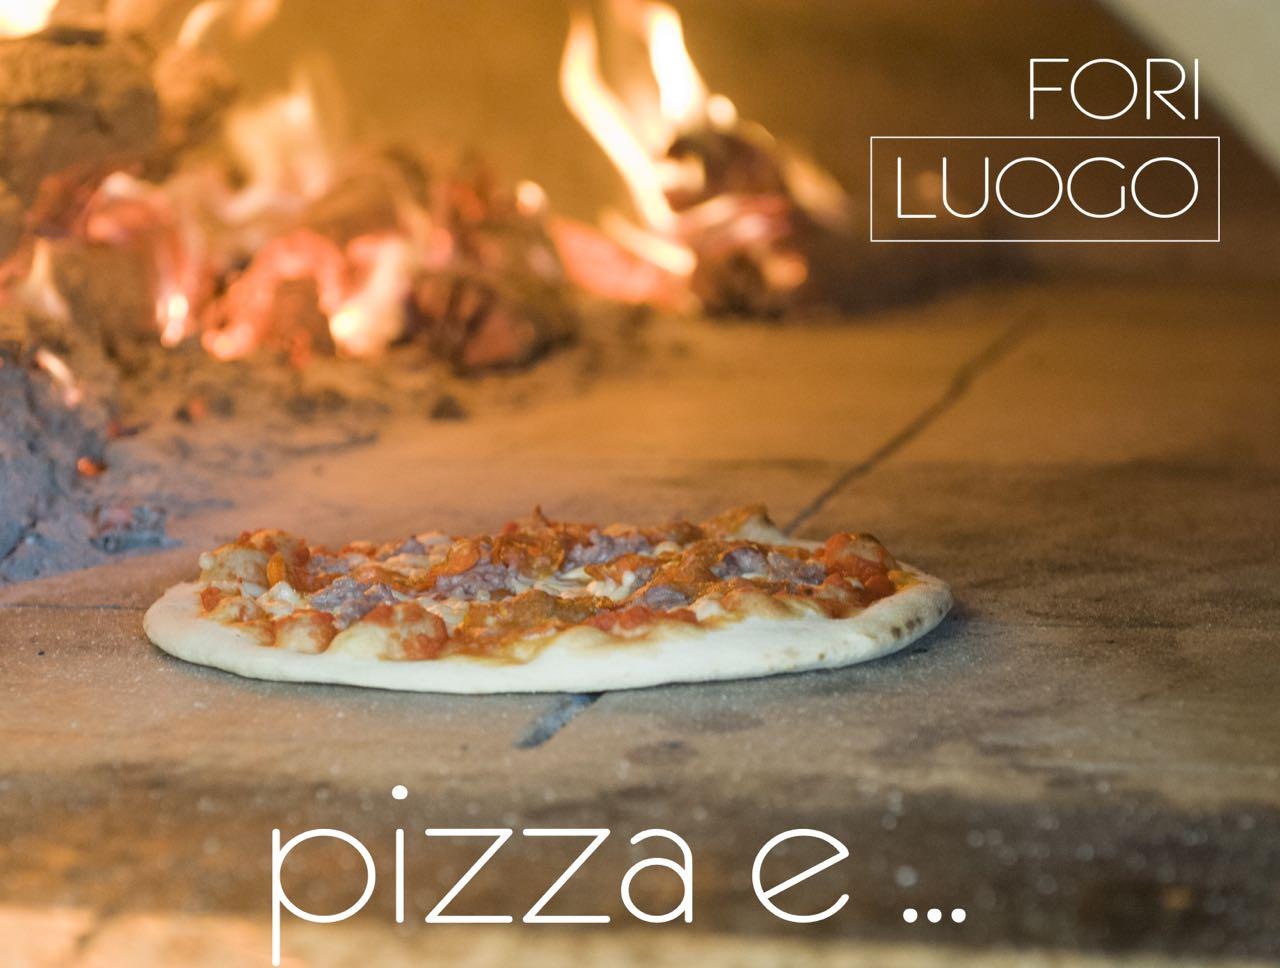 03_pizza-e